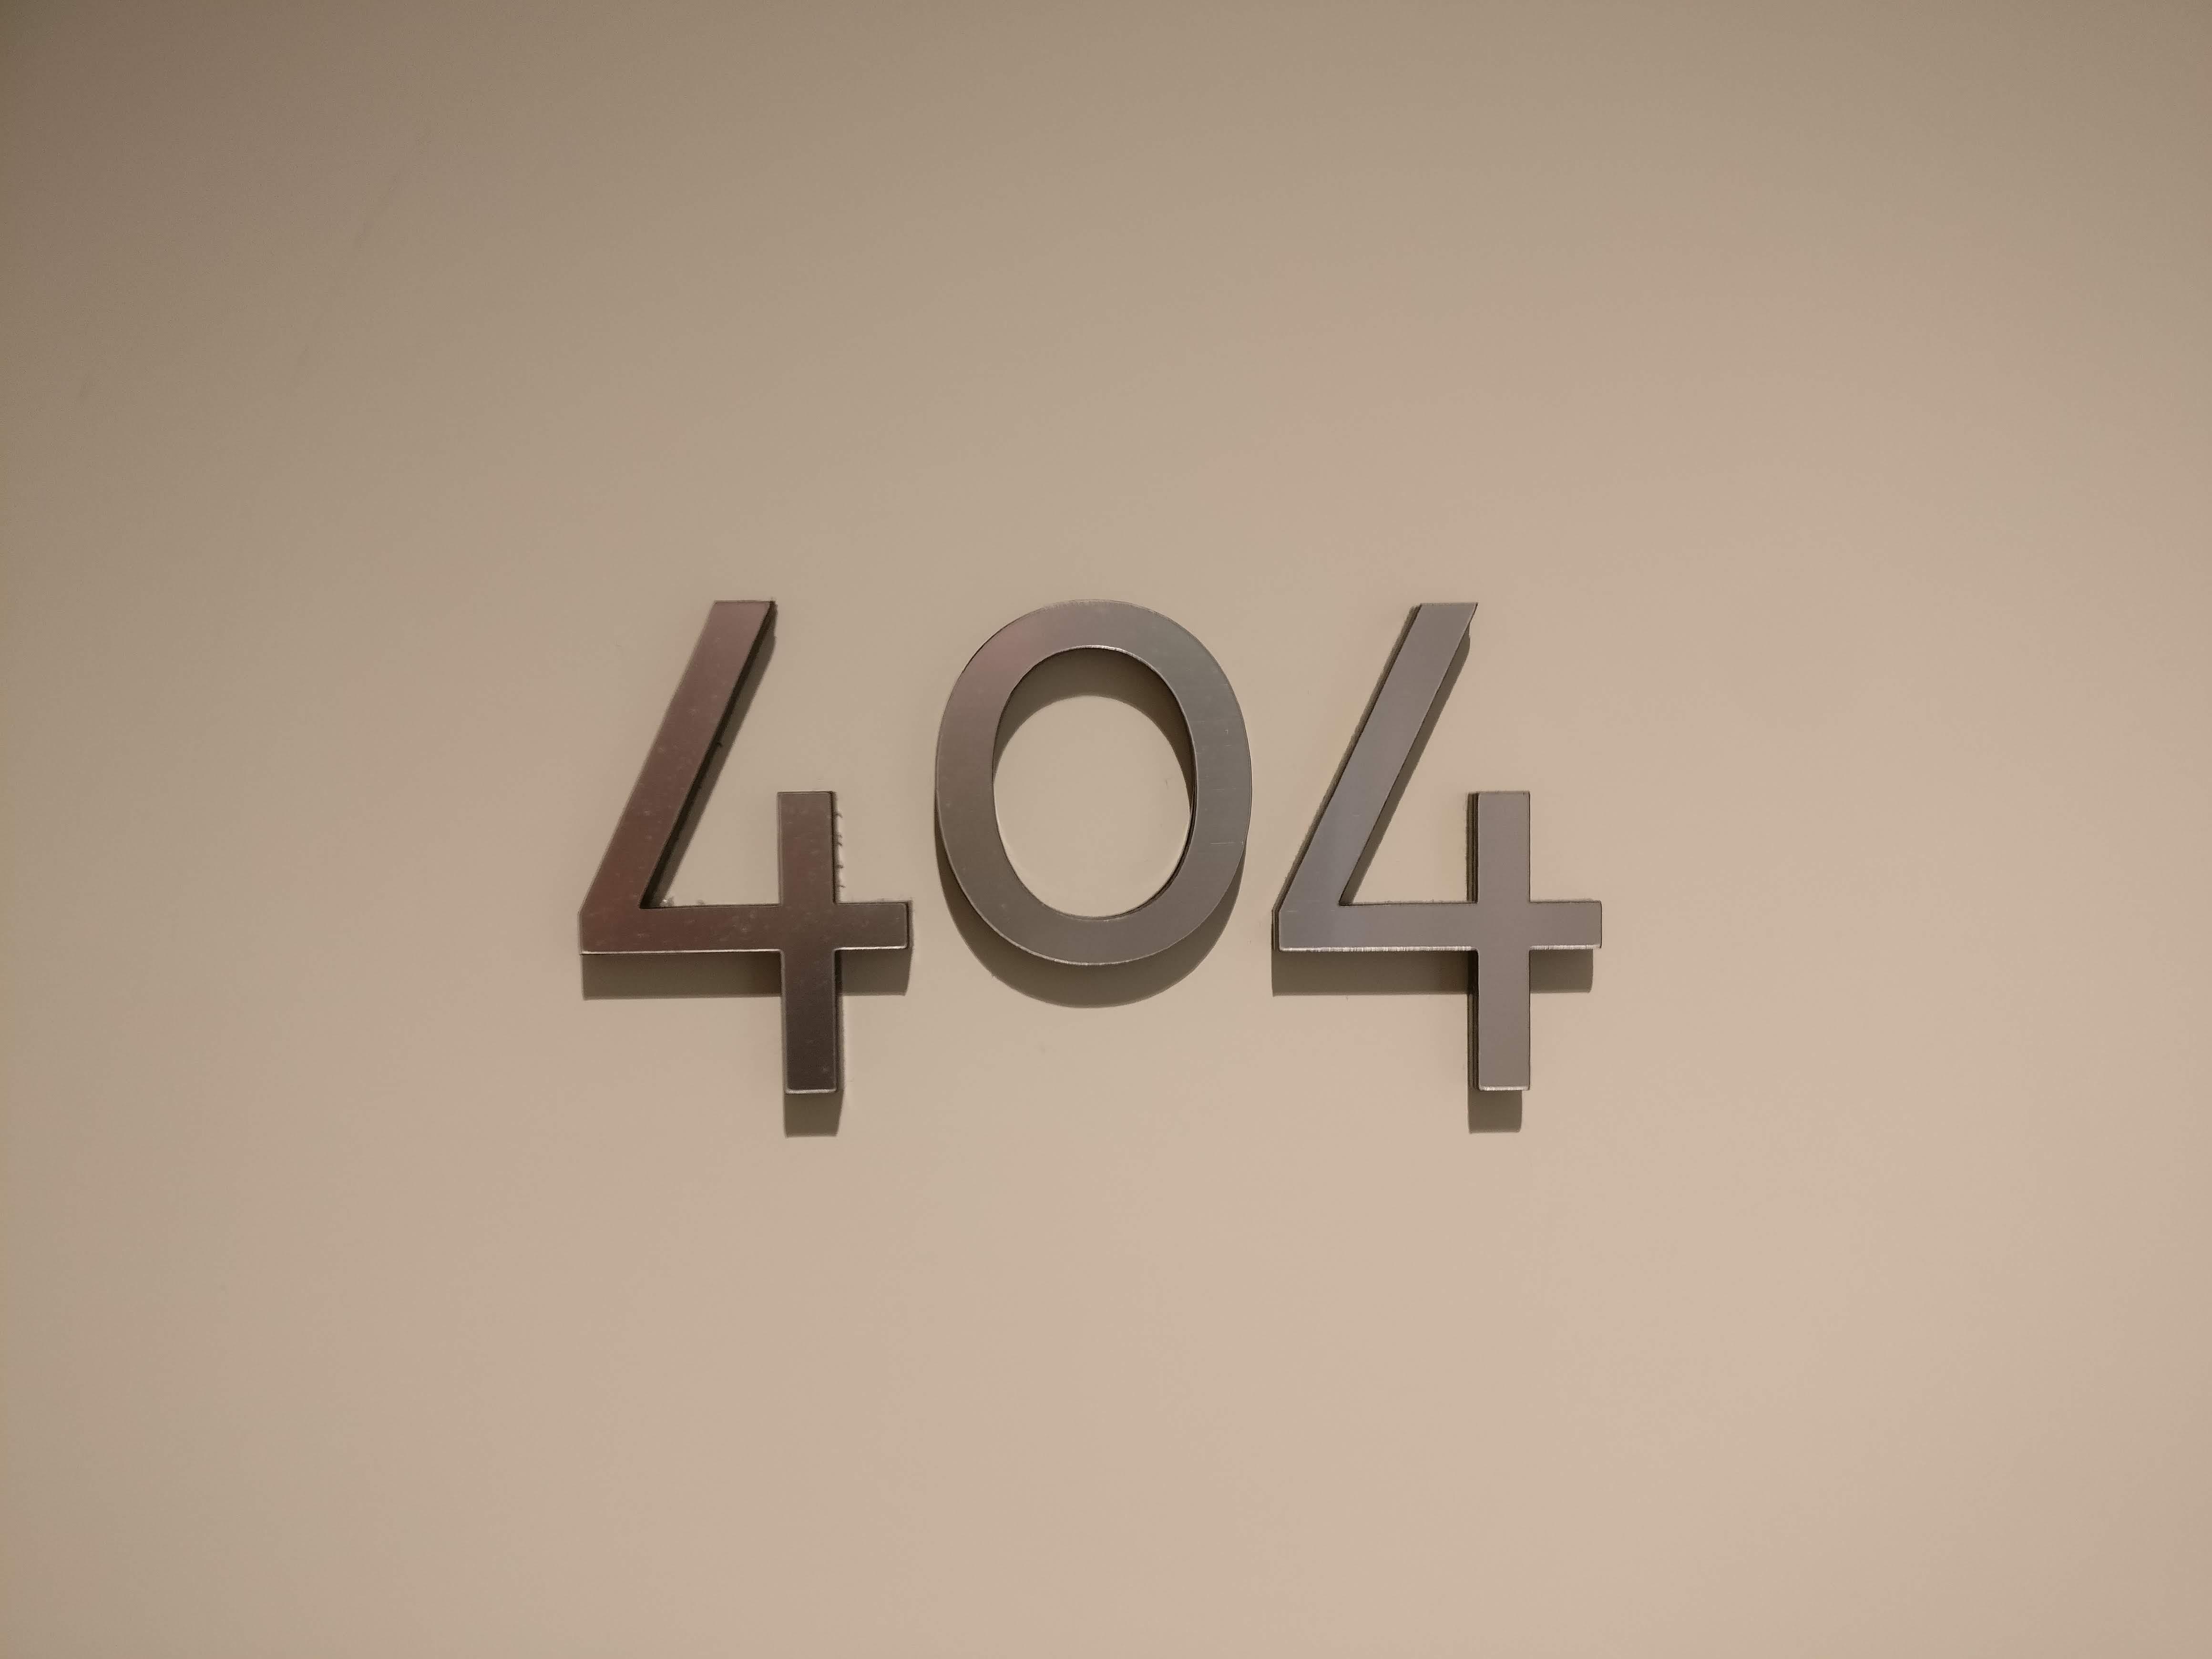 404 - Page Not Found | Ingeniuous - Frank van Eykelen's Blog